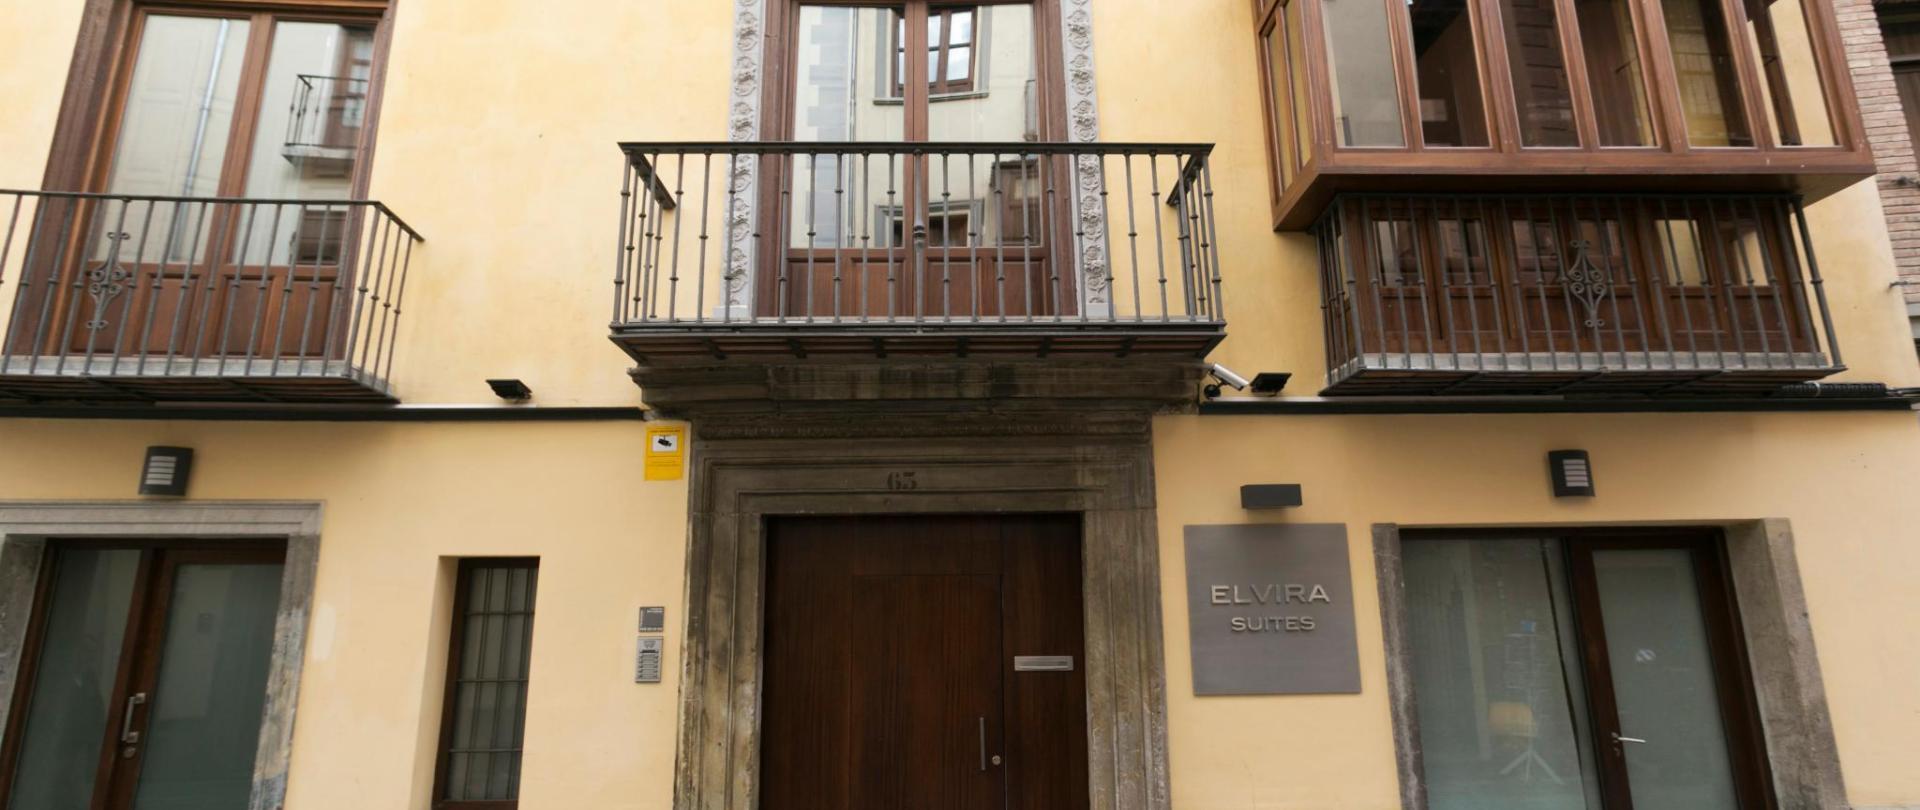 FACHADA ELVIRA SUITE 1.jpg